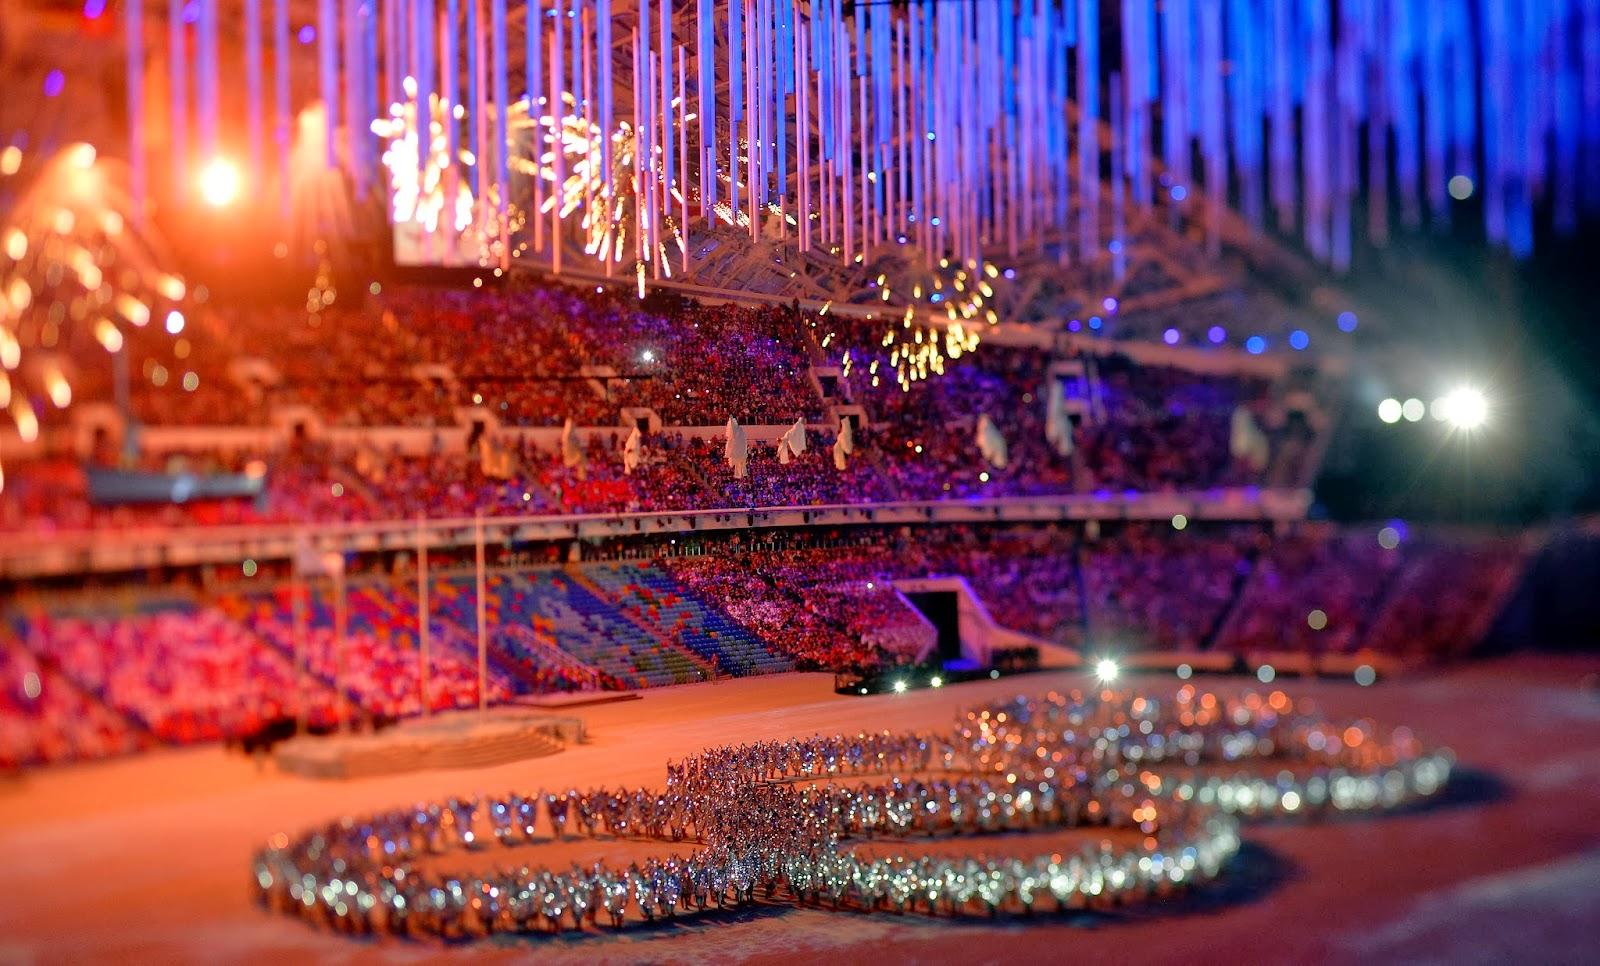 Oroszország, sport, Szocsi, Thomas Bach, téli olimpiai játékok, téli sportok, Vlagyimir Putyin